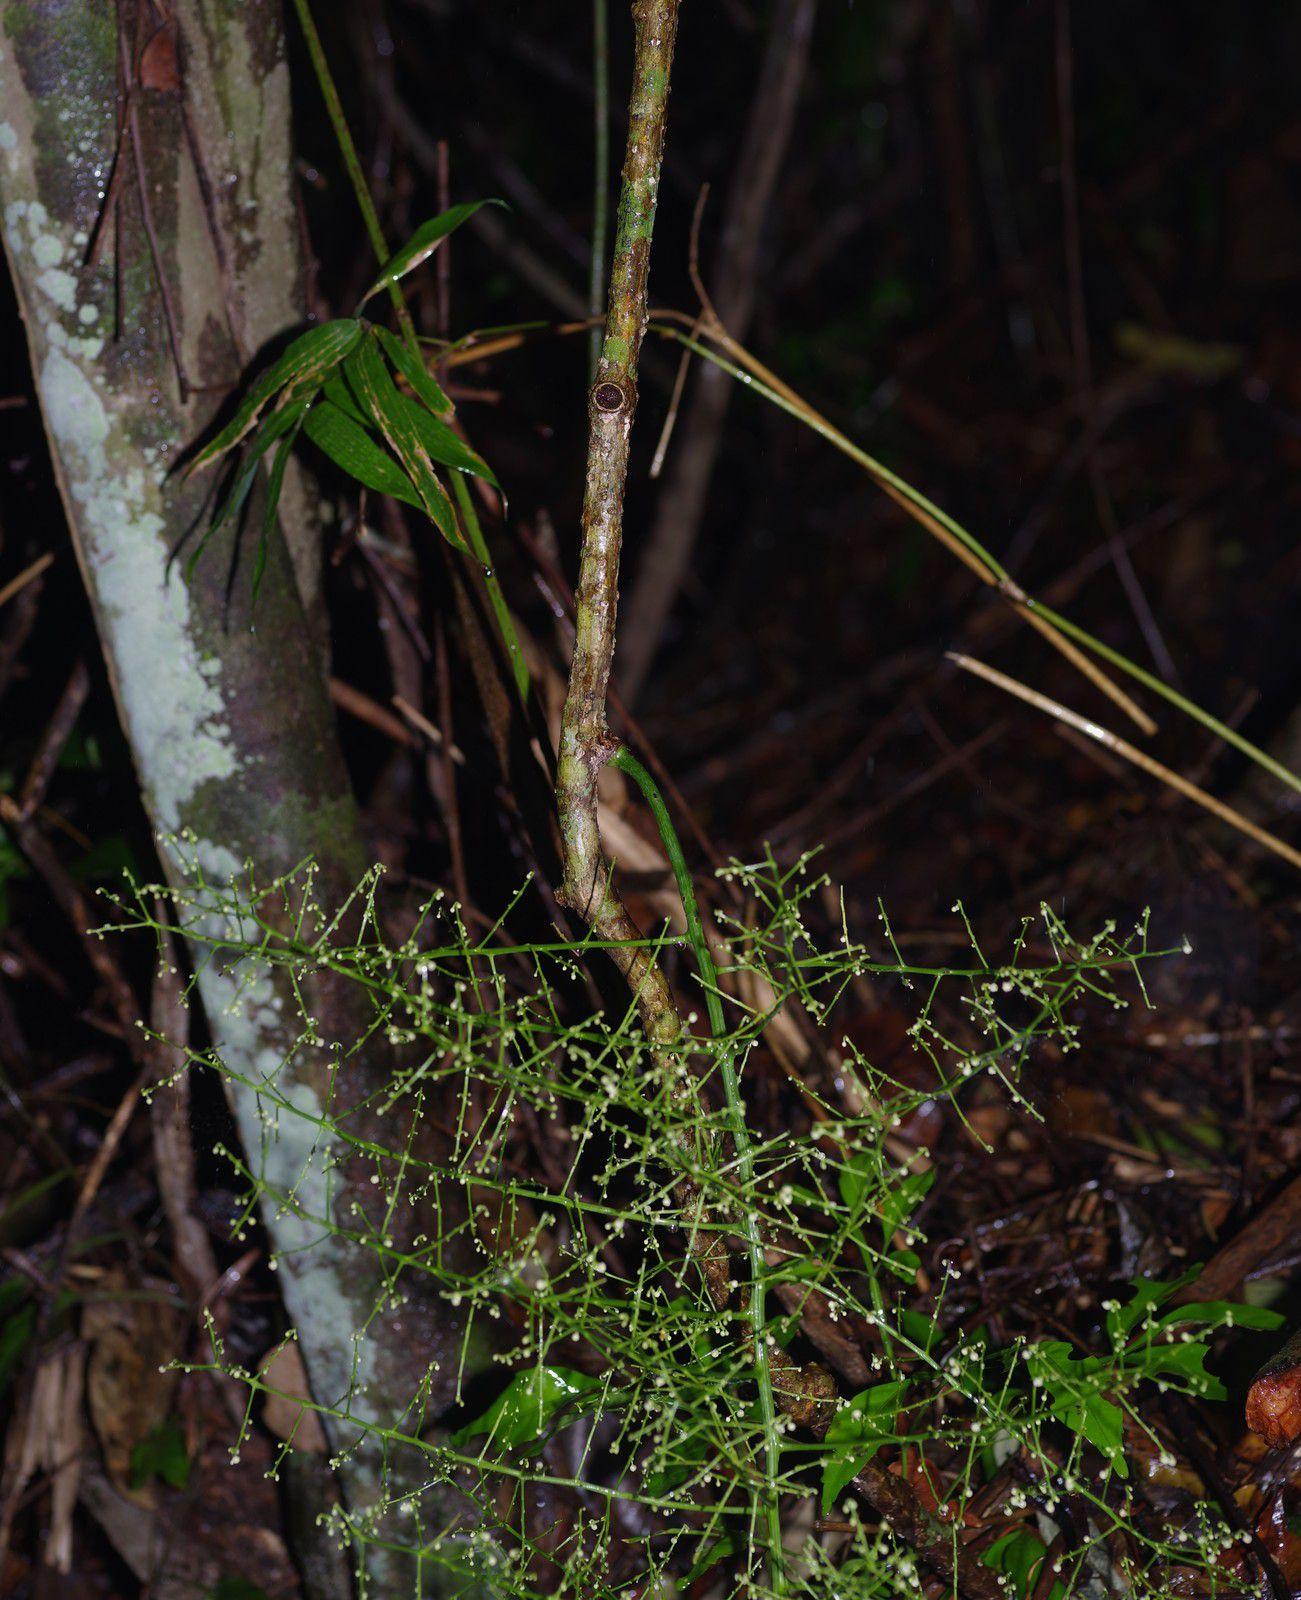 Odontocarya wullschlaegelii